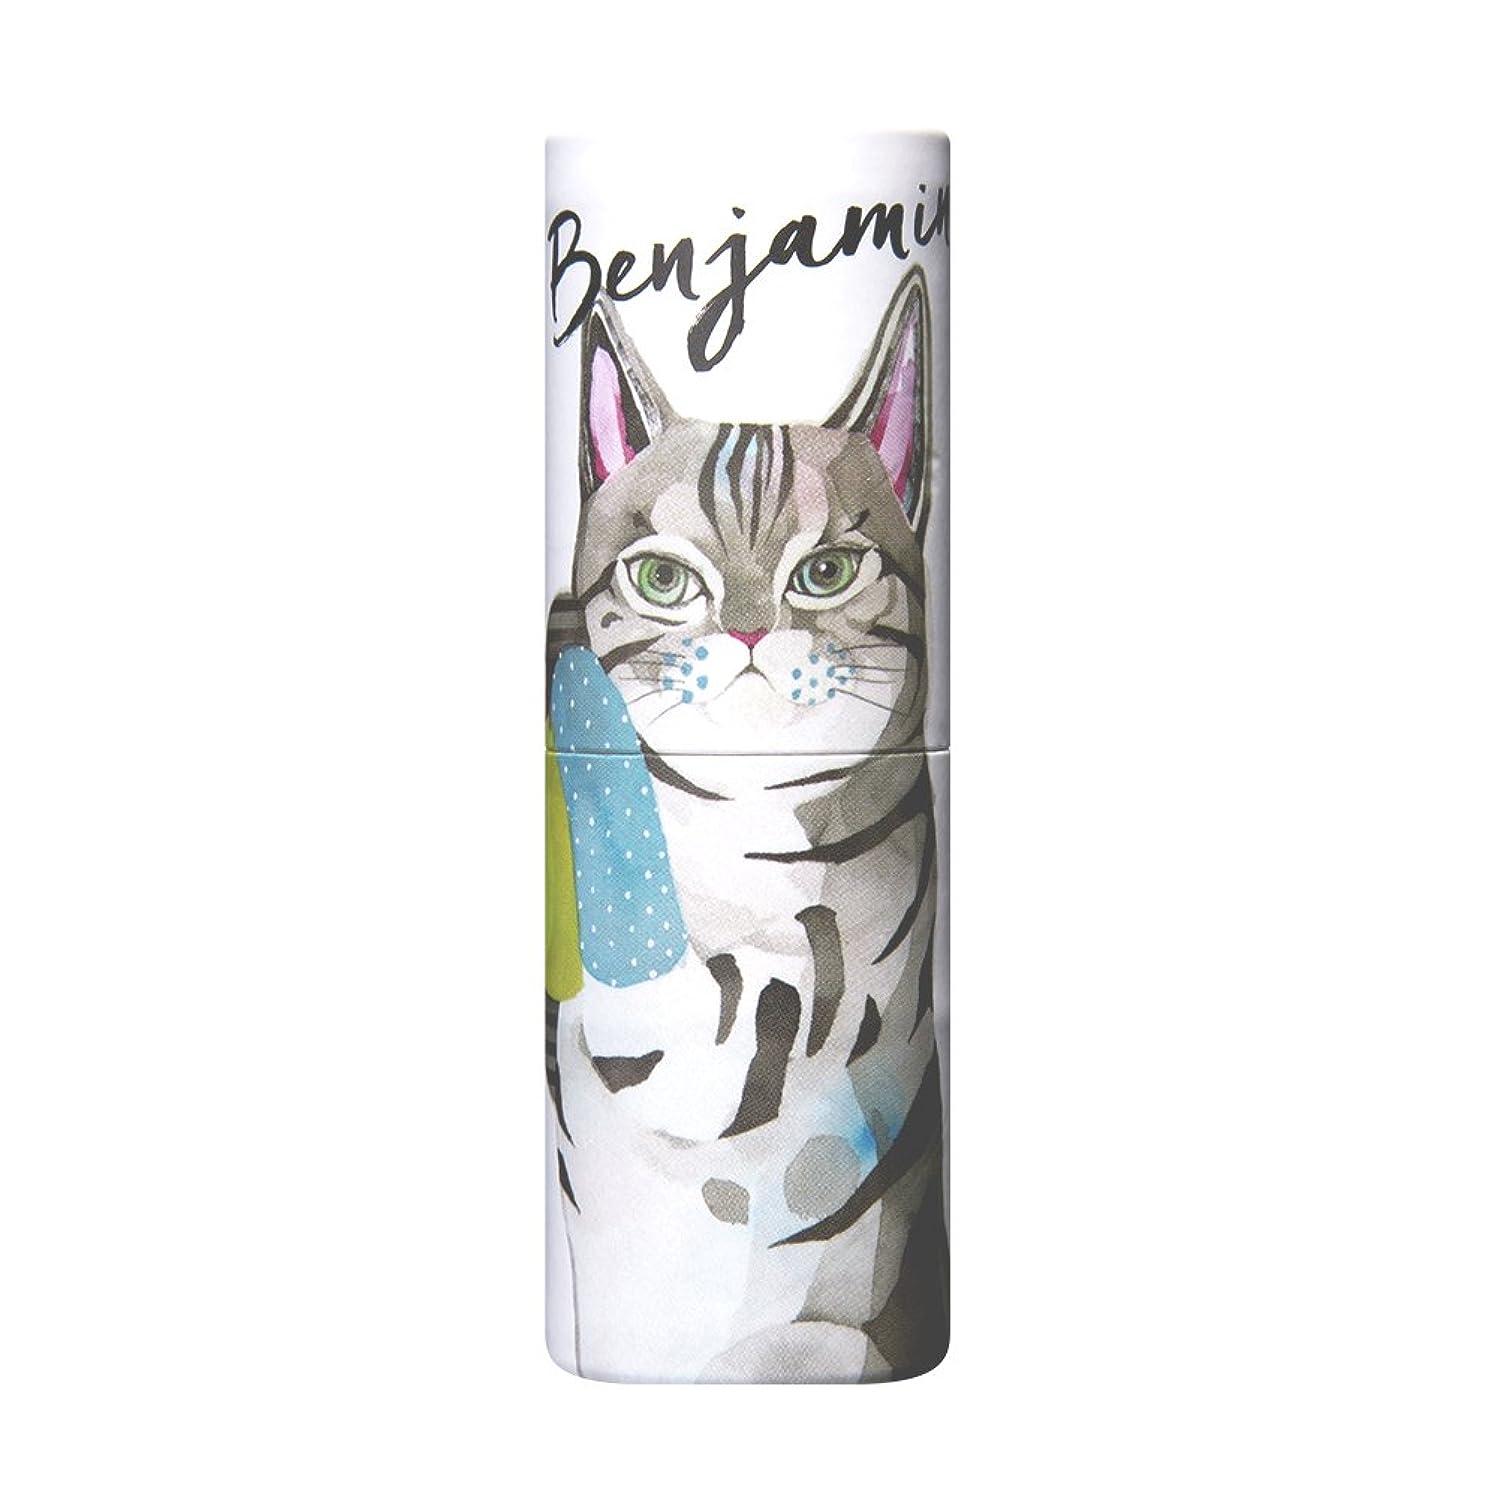 暴露するいつ膜ヴァシリーサ パフュームスティック ベンジャミン ネコ  ねり香水 5g